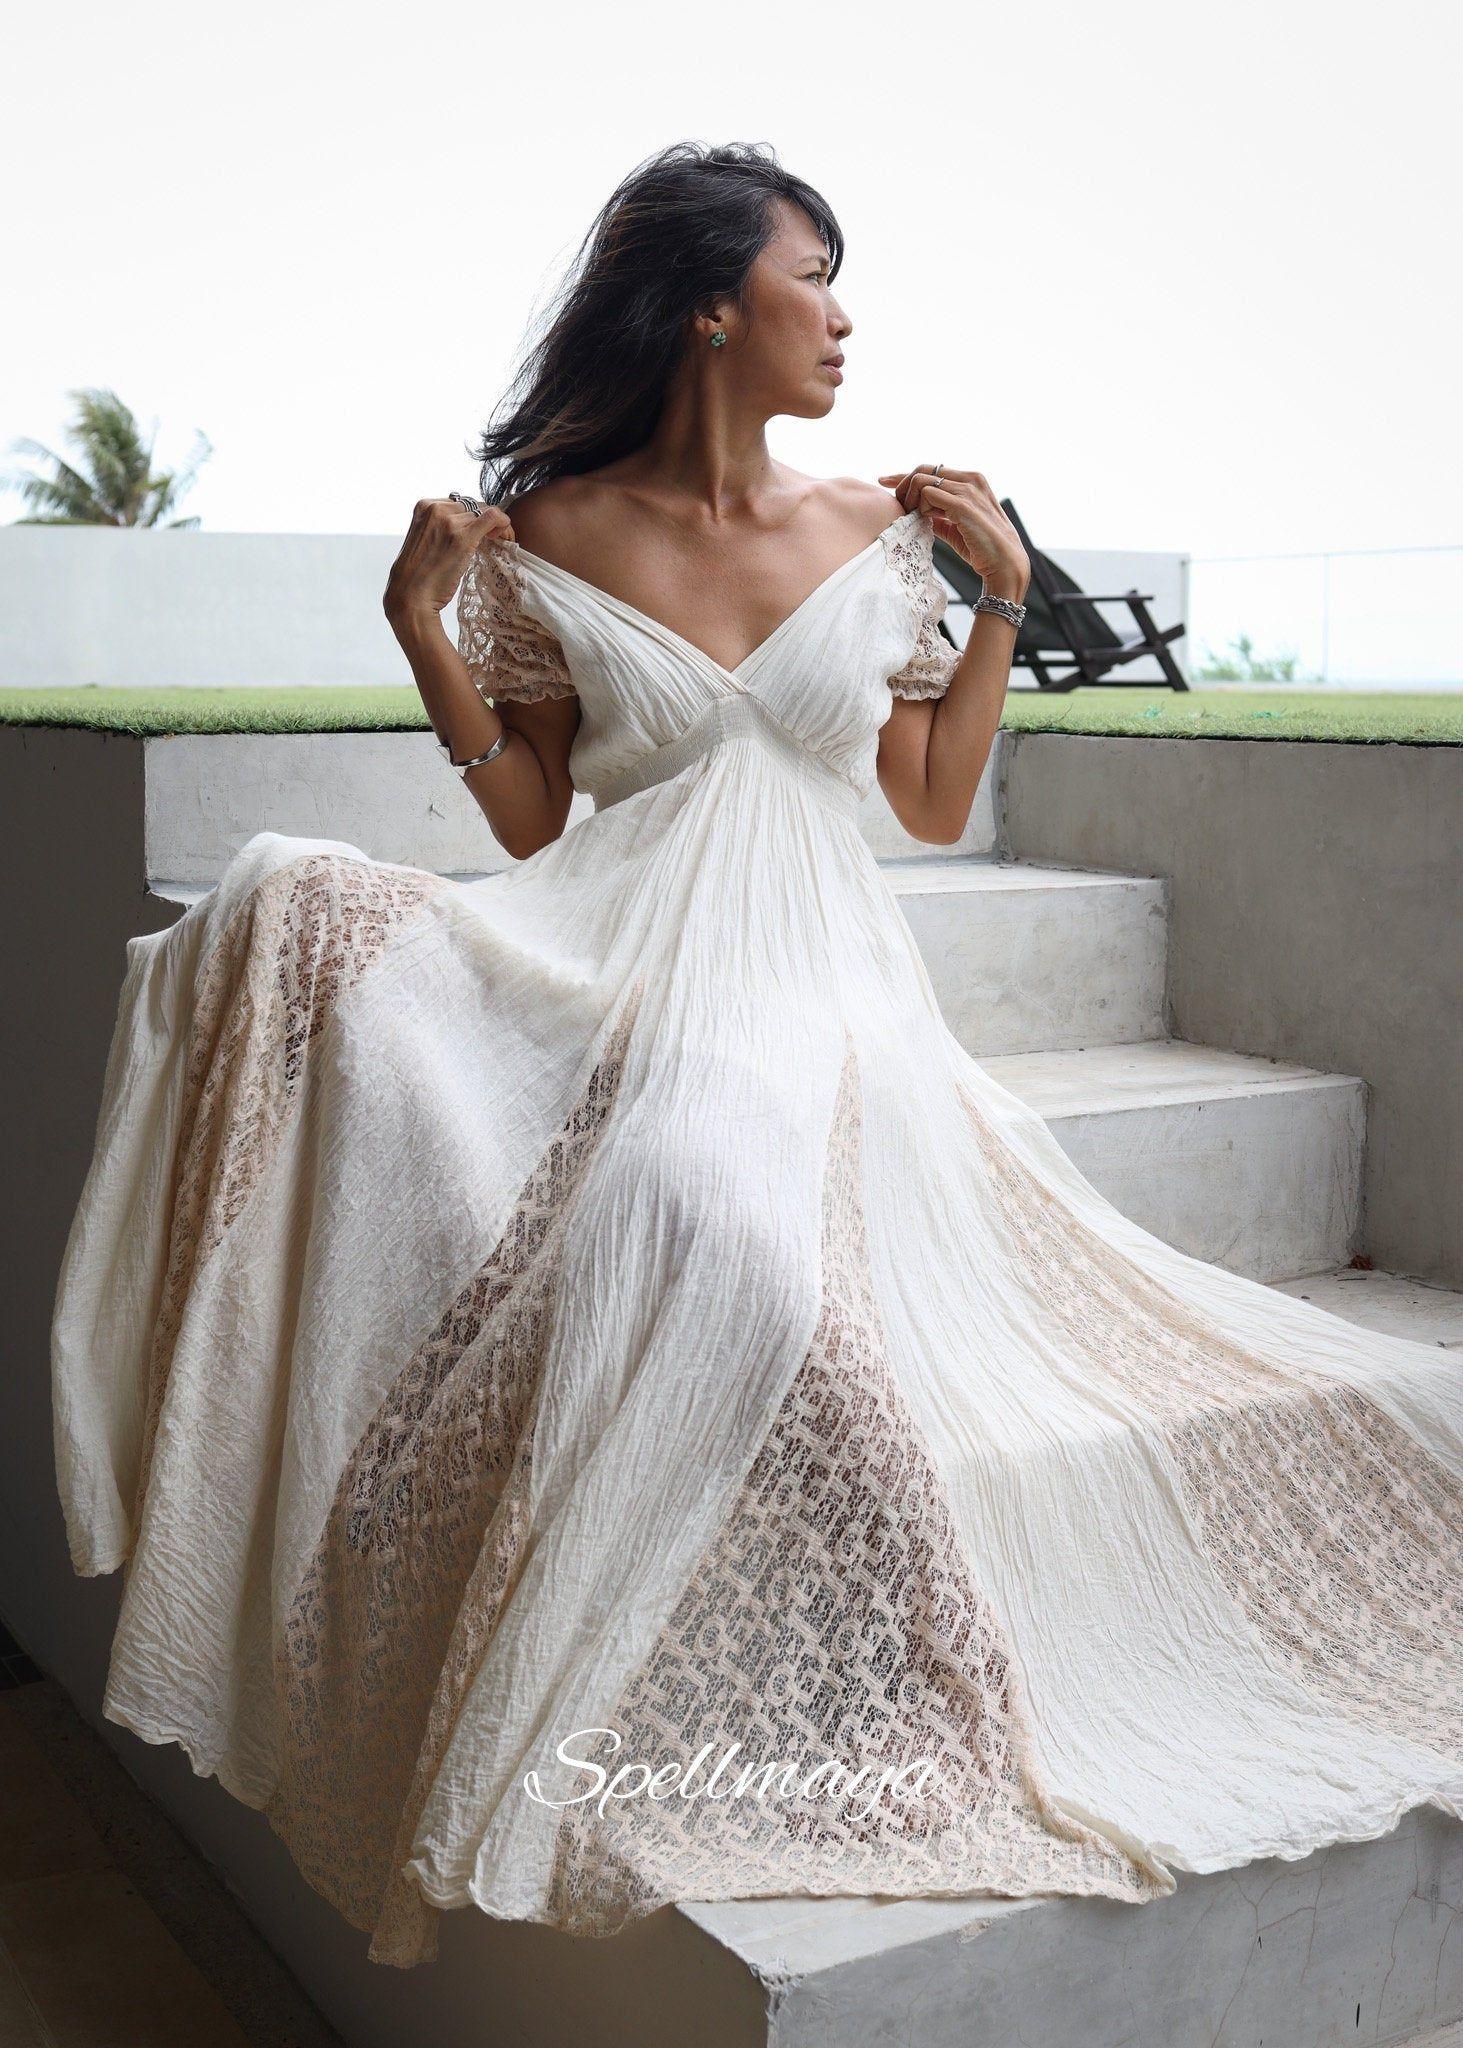 Boho Lace Maxi Dress Raw Cotton Gown Romantic Maxi White Etsy Boho Lace Maxi Dress Lace White Dress Lace Summer Dresses [ 2048 x 1463 Pixel ]